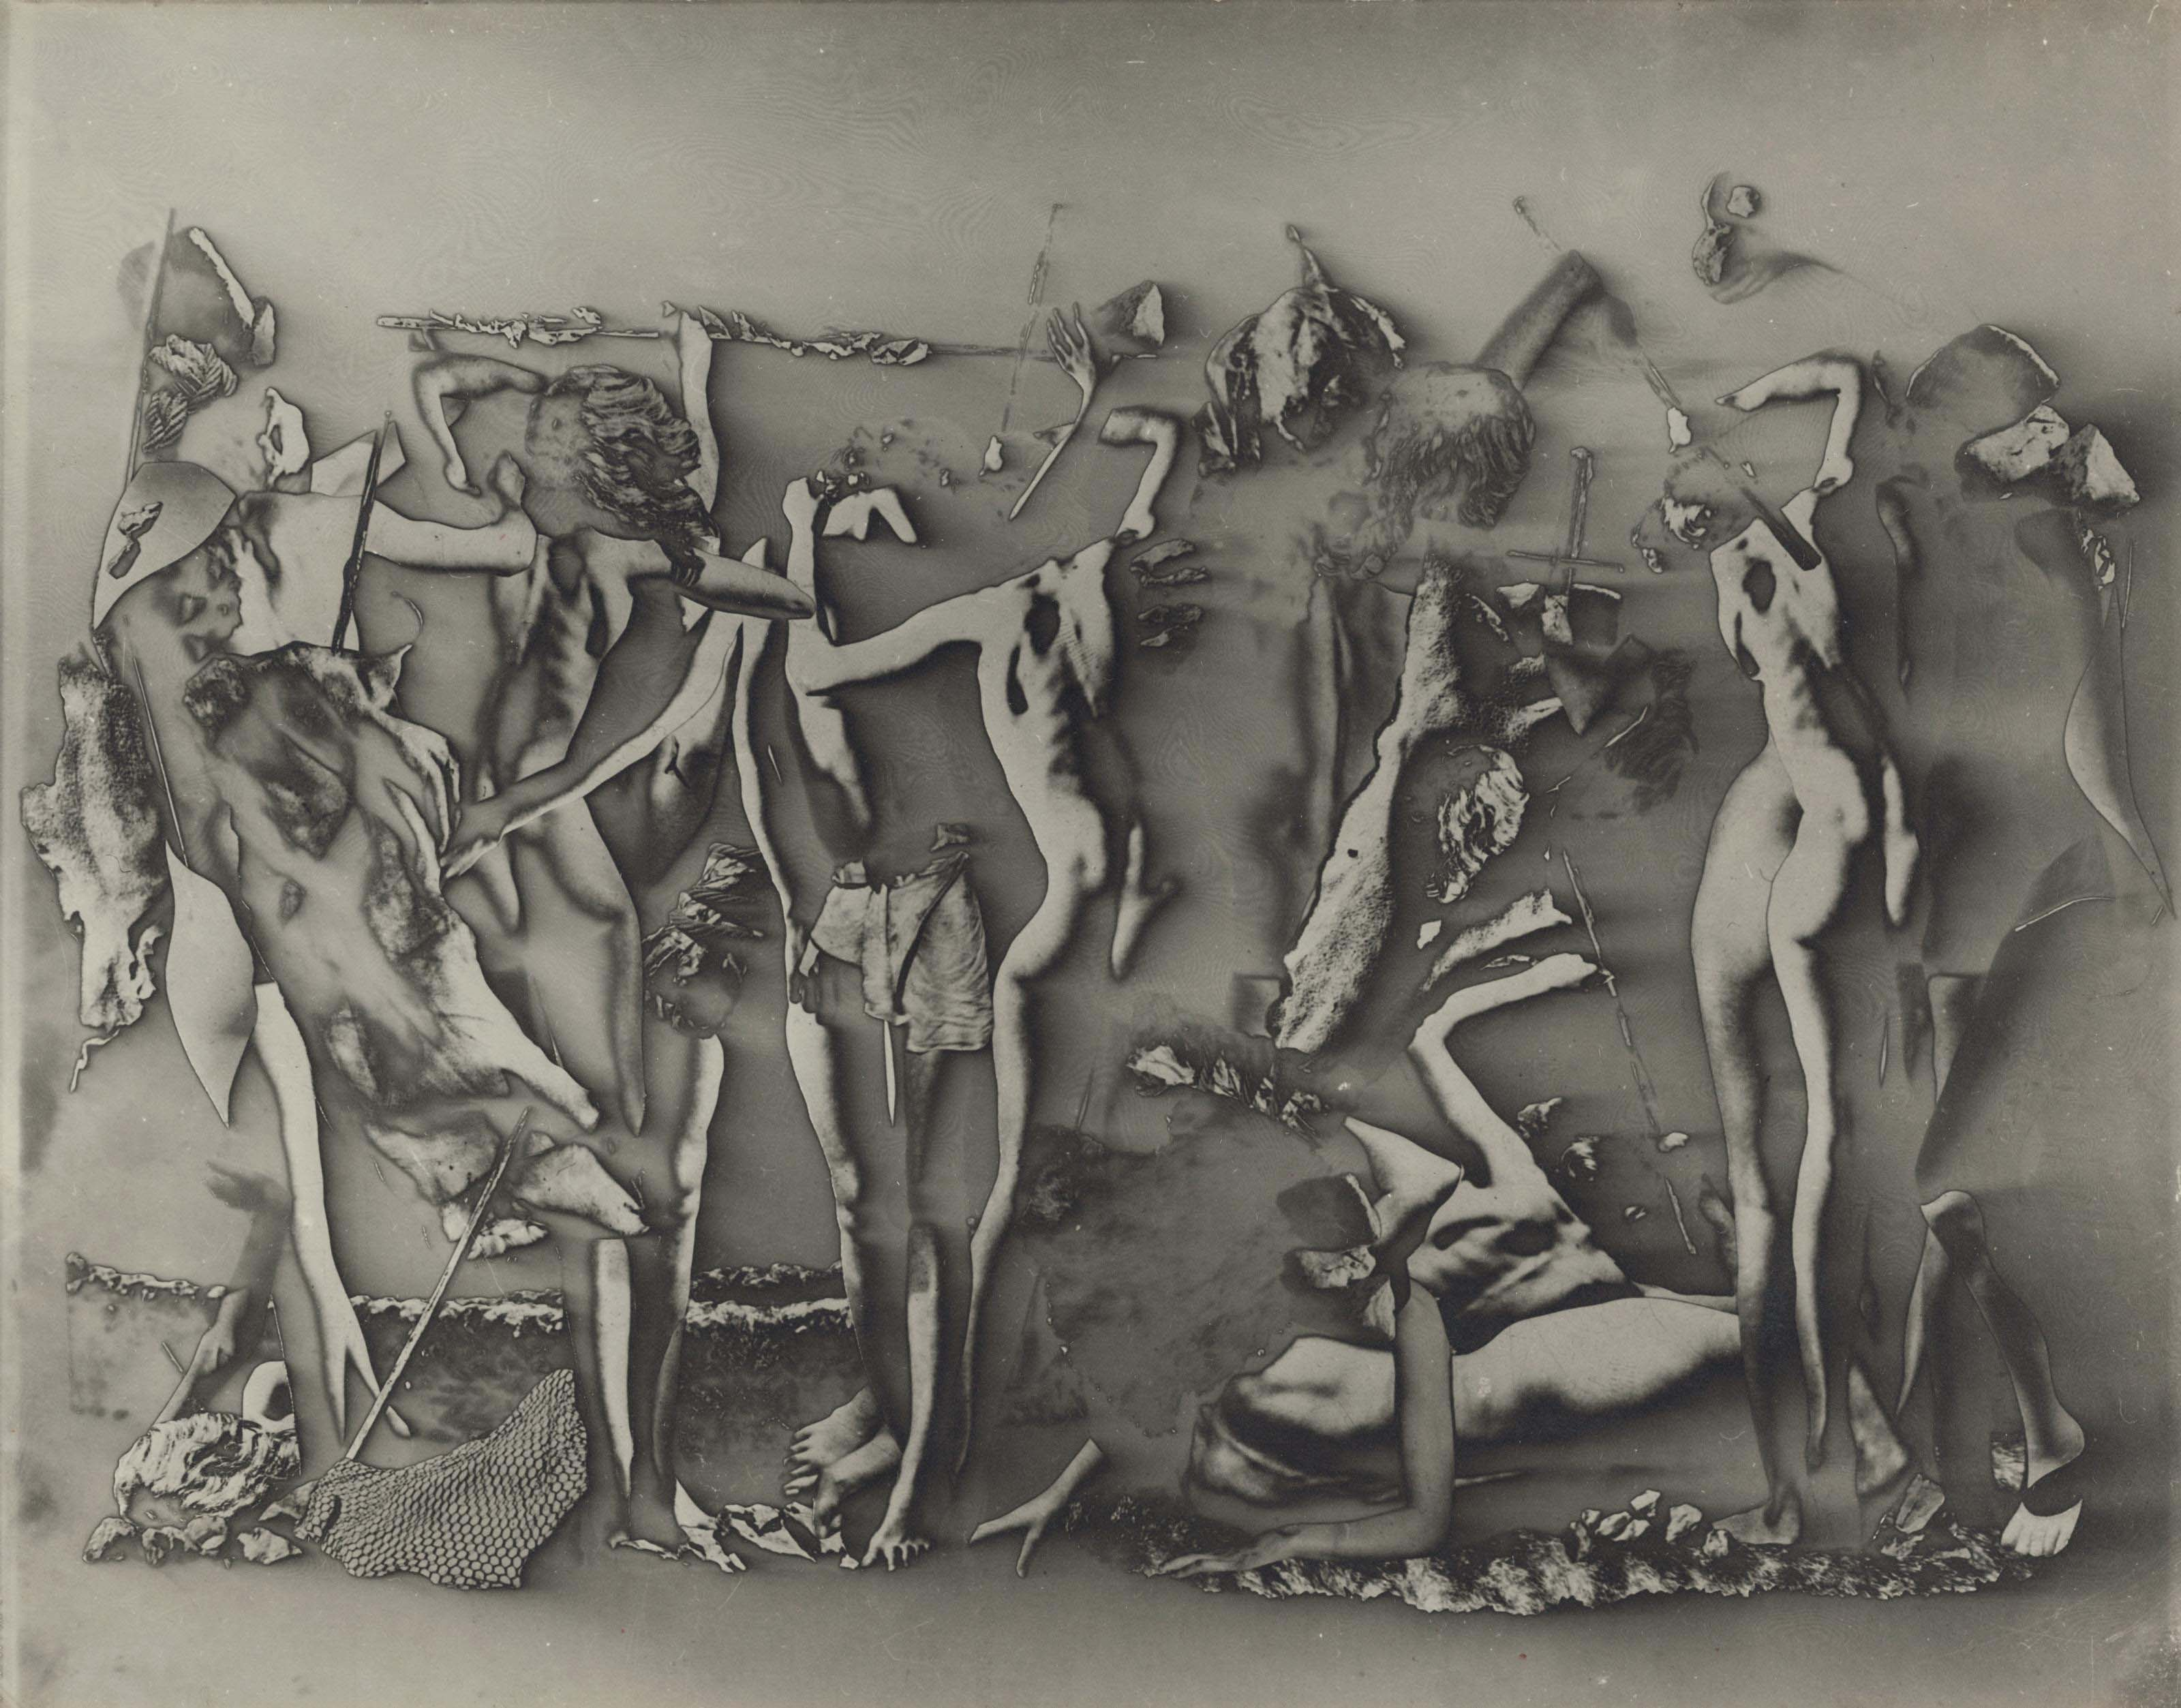 Penthésilée, 1938